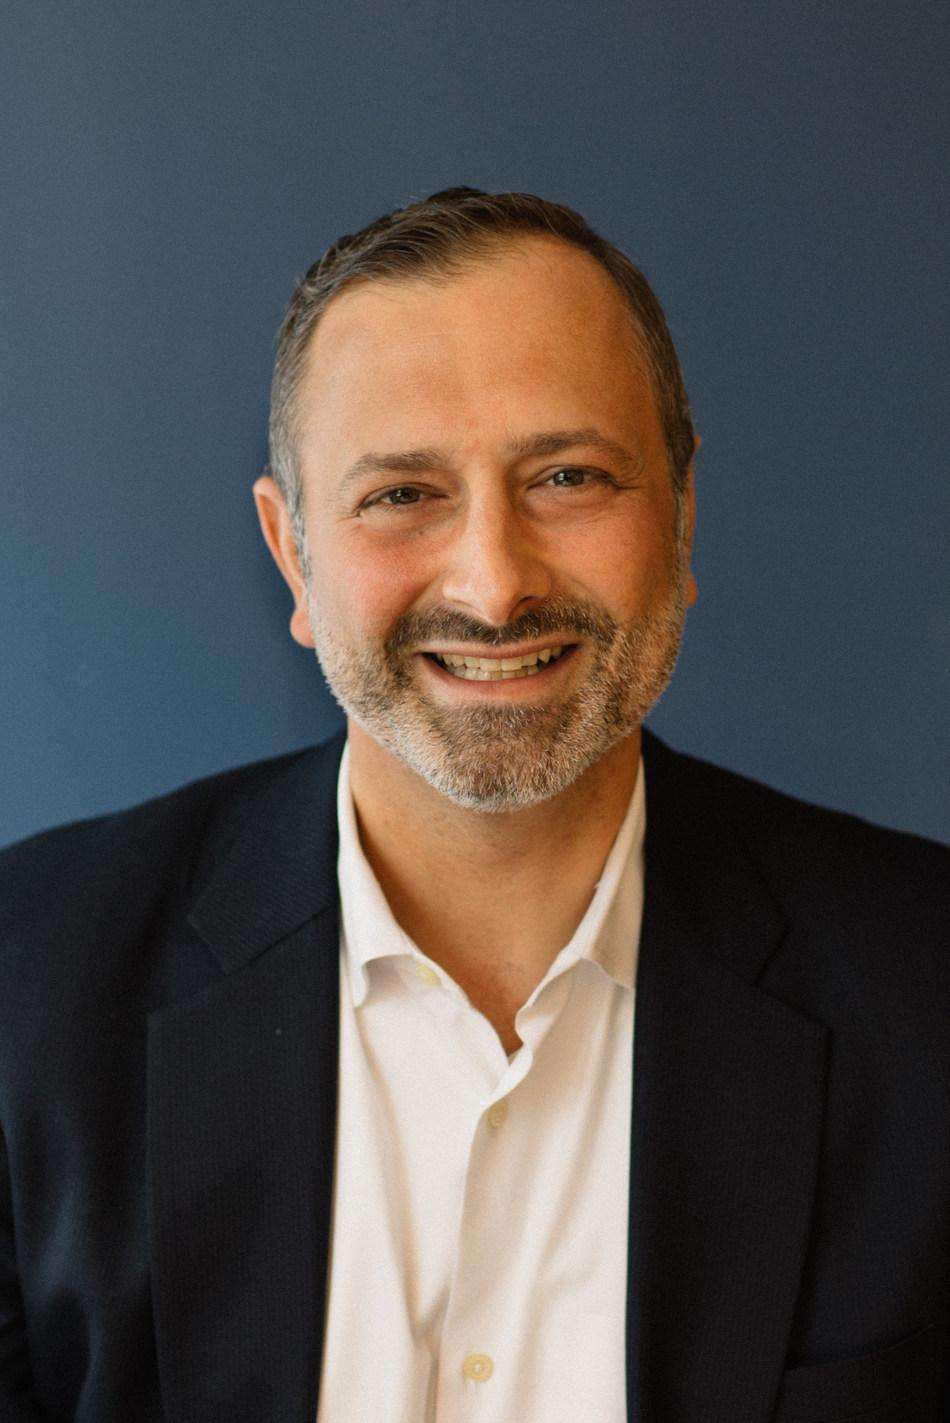 John Hecklinger  President and CEO Global Fund for Children